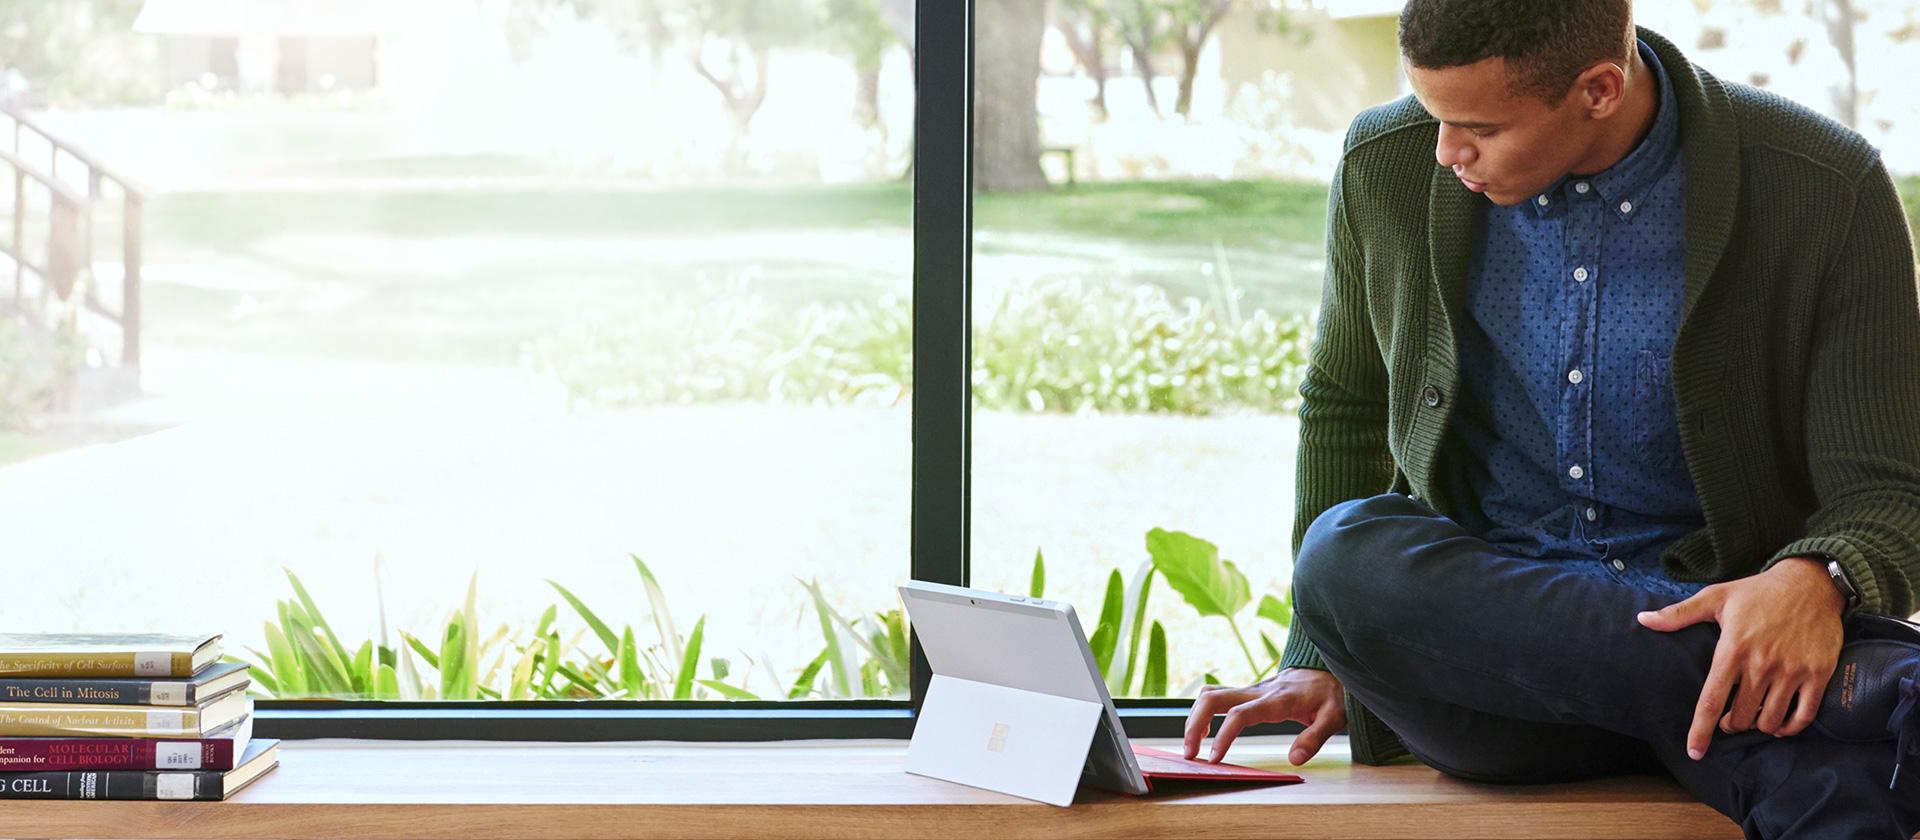 学习用 Microsoft Surface 平板电脑